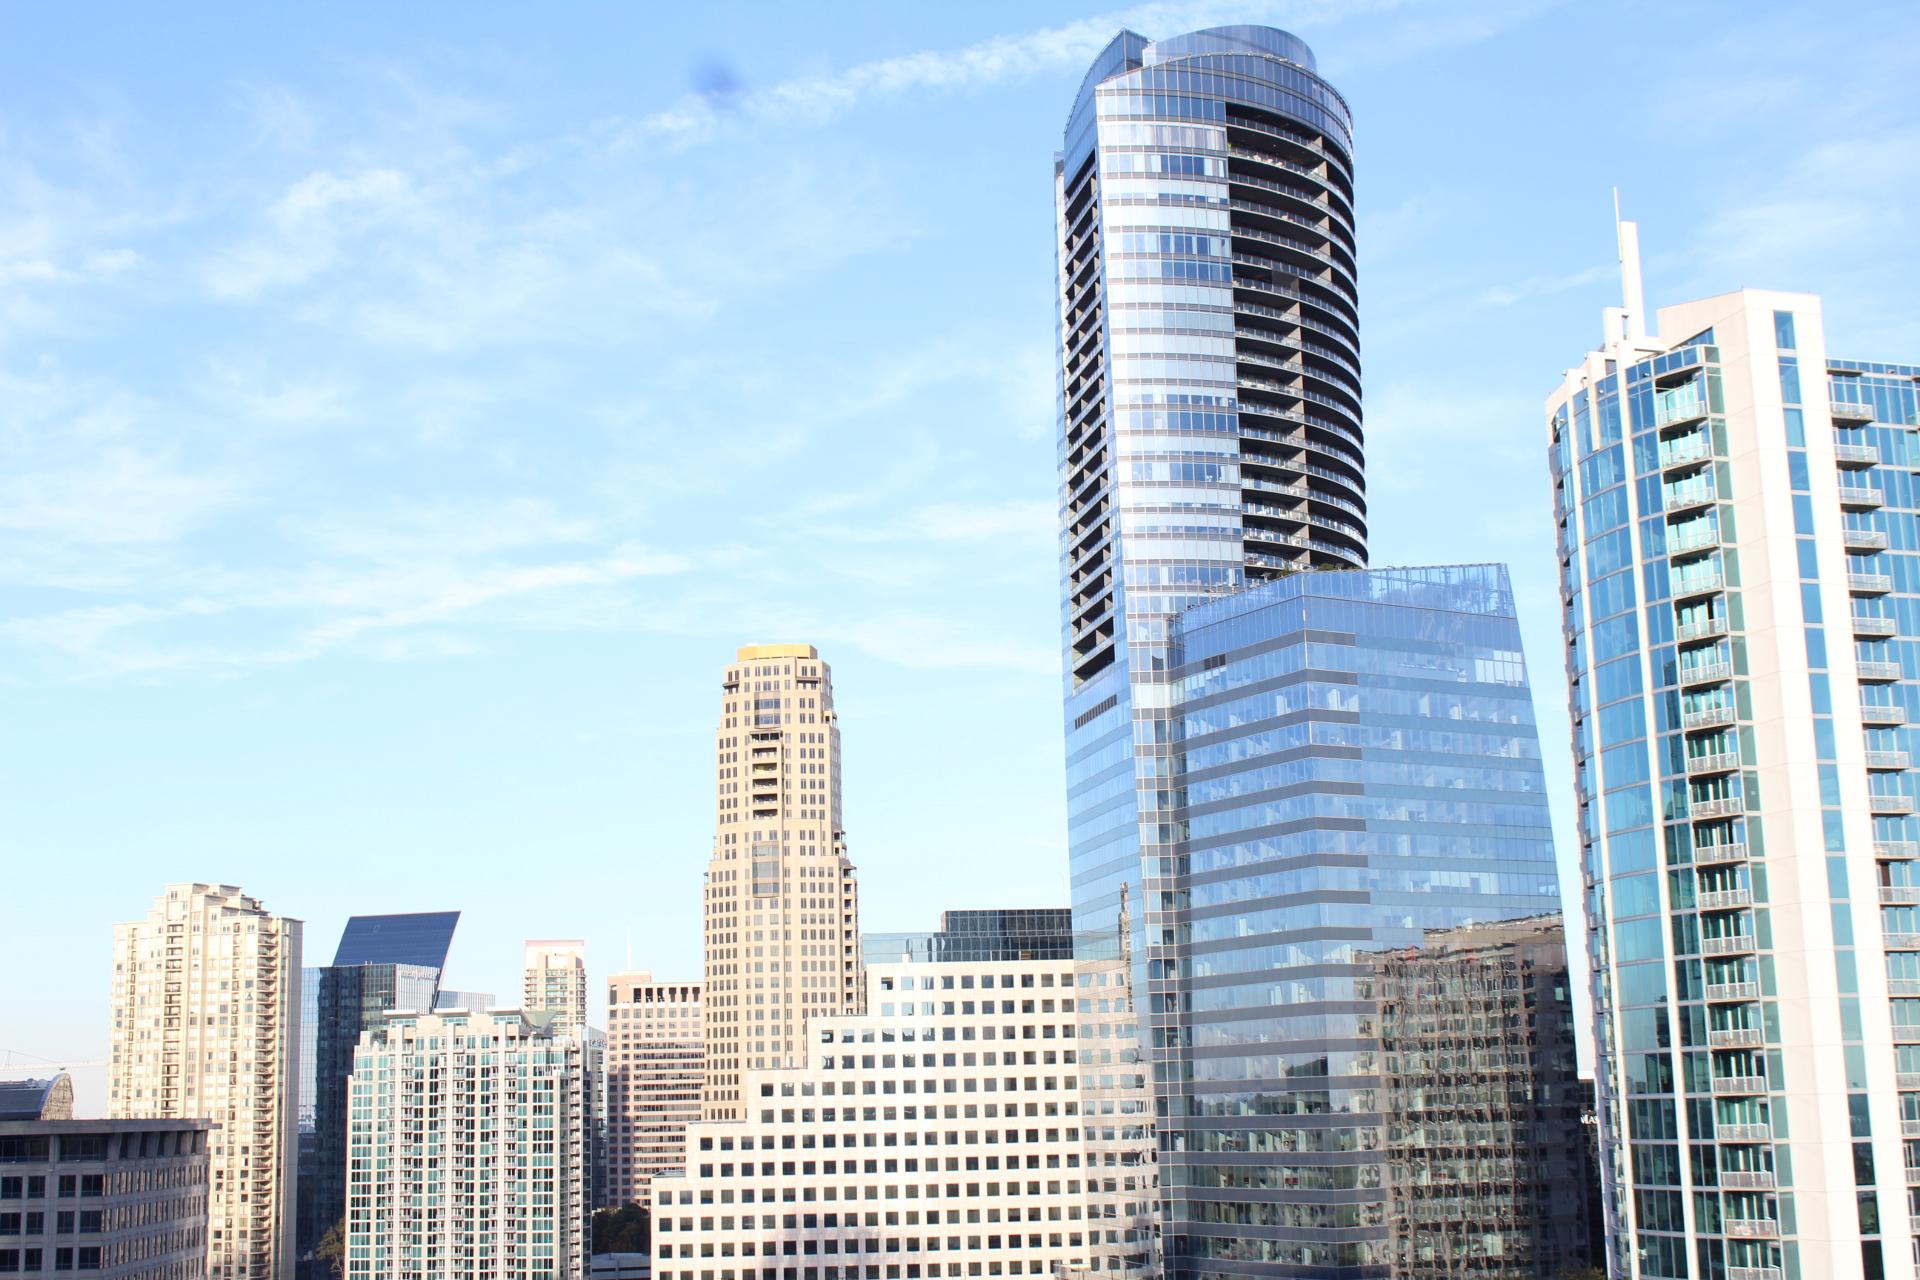 Buckhead, Atlanta Condominiums For Sale - Zip 30305, 30324, 30326 ...